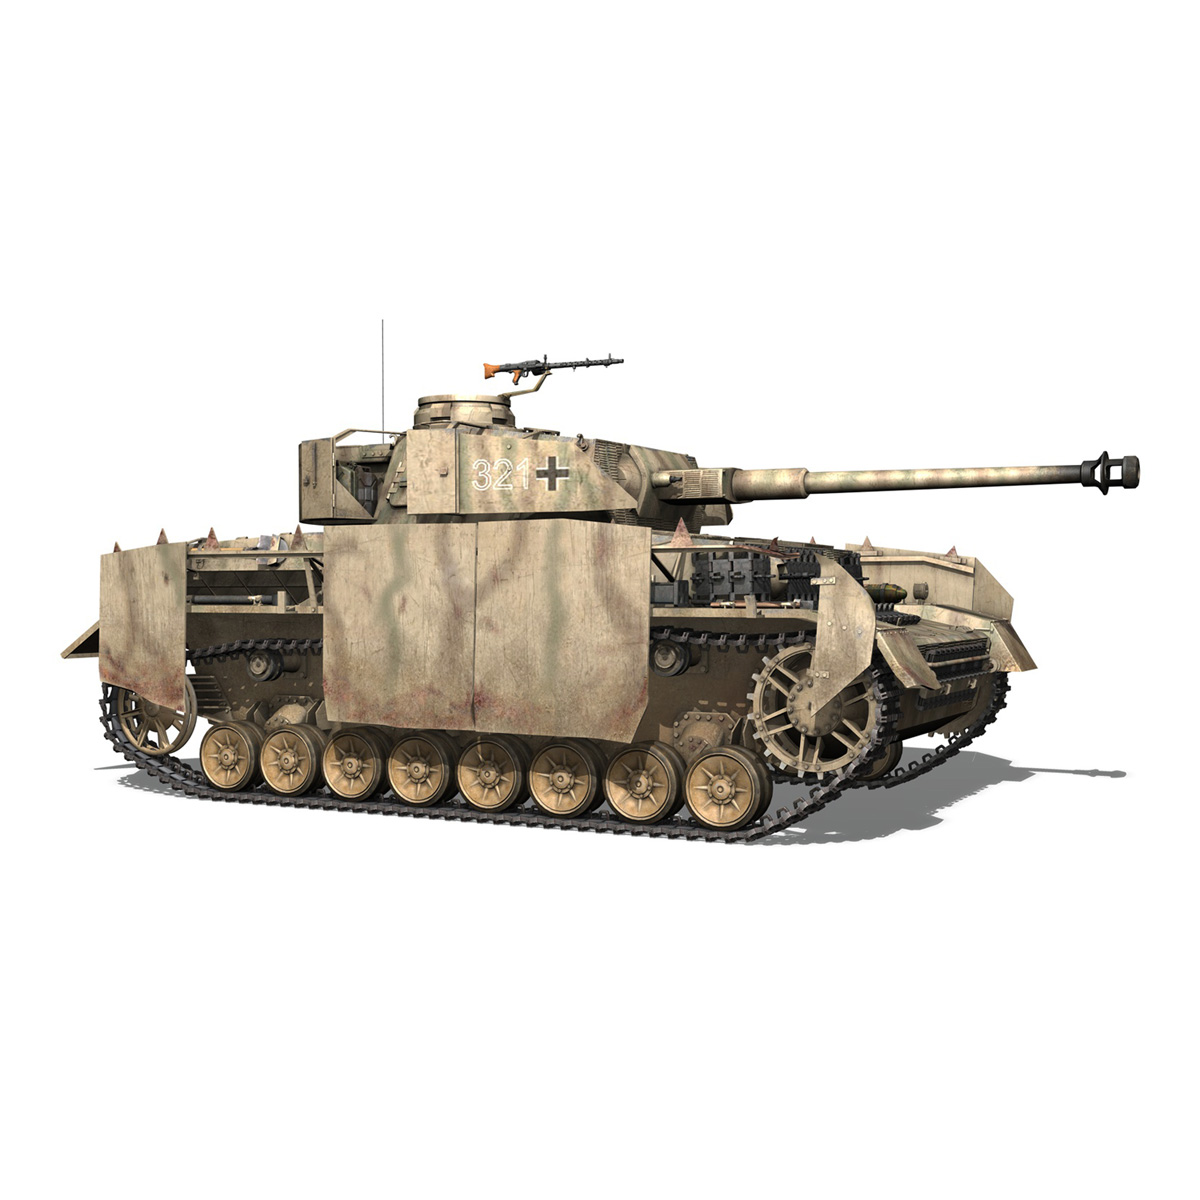 sd.kfz 161 pzkpfw iv panzer 4 ausf.h late 3d model 3ds fbx c4d lwo obj 190344